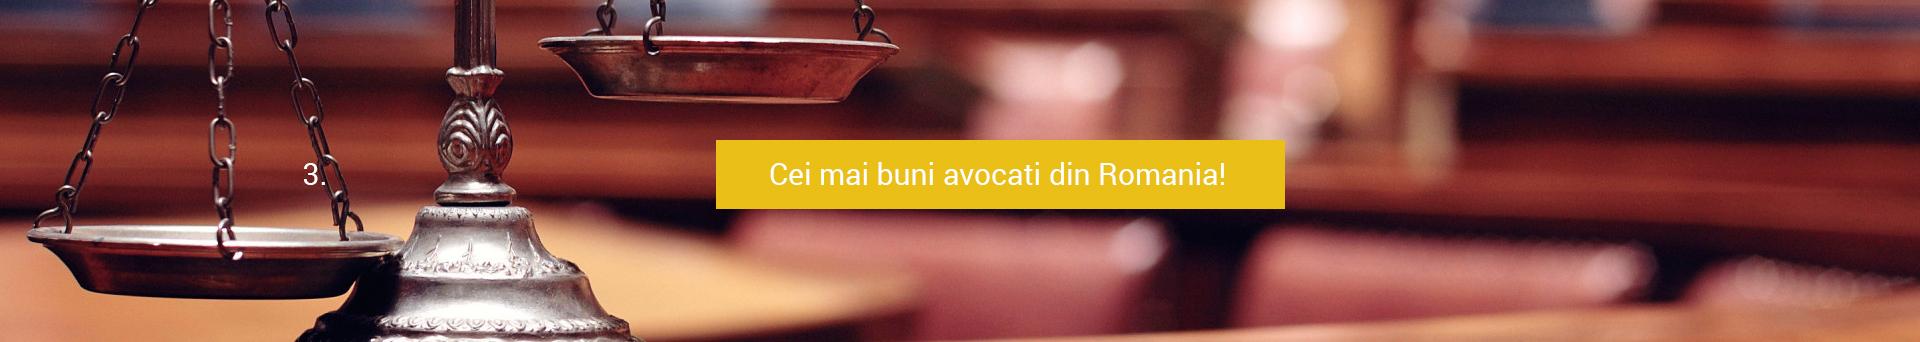 Cei mai buni avocati din Romania!